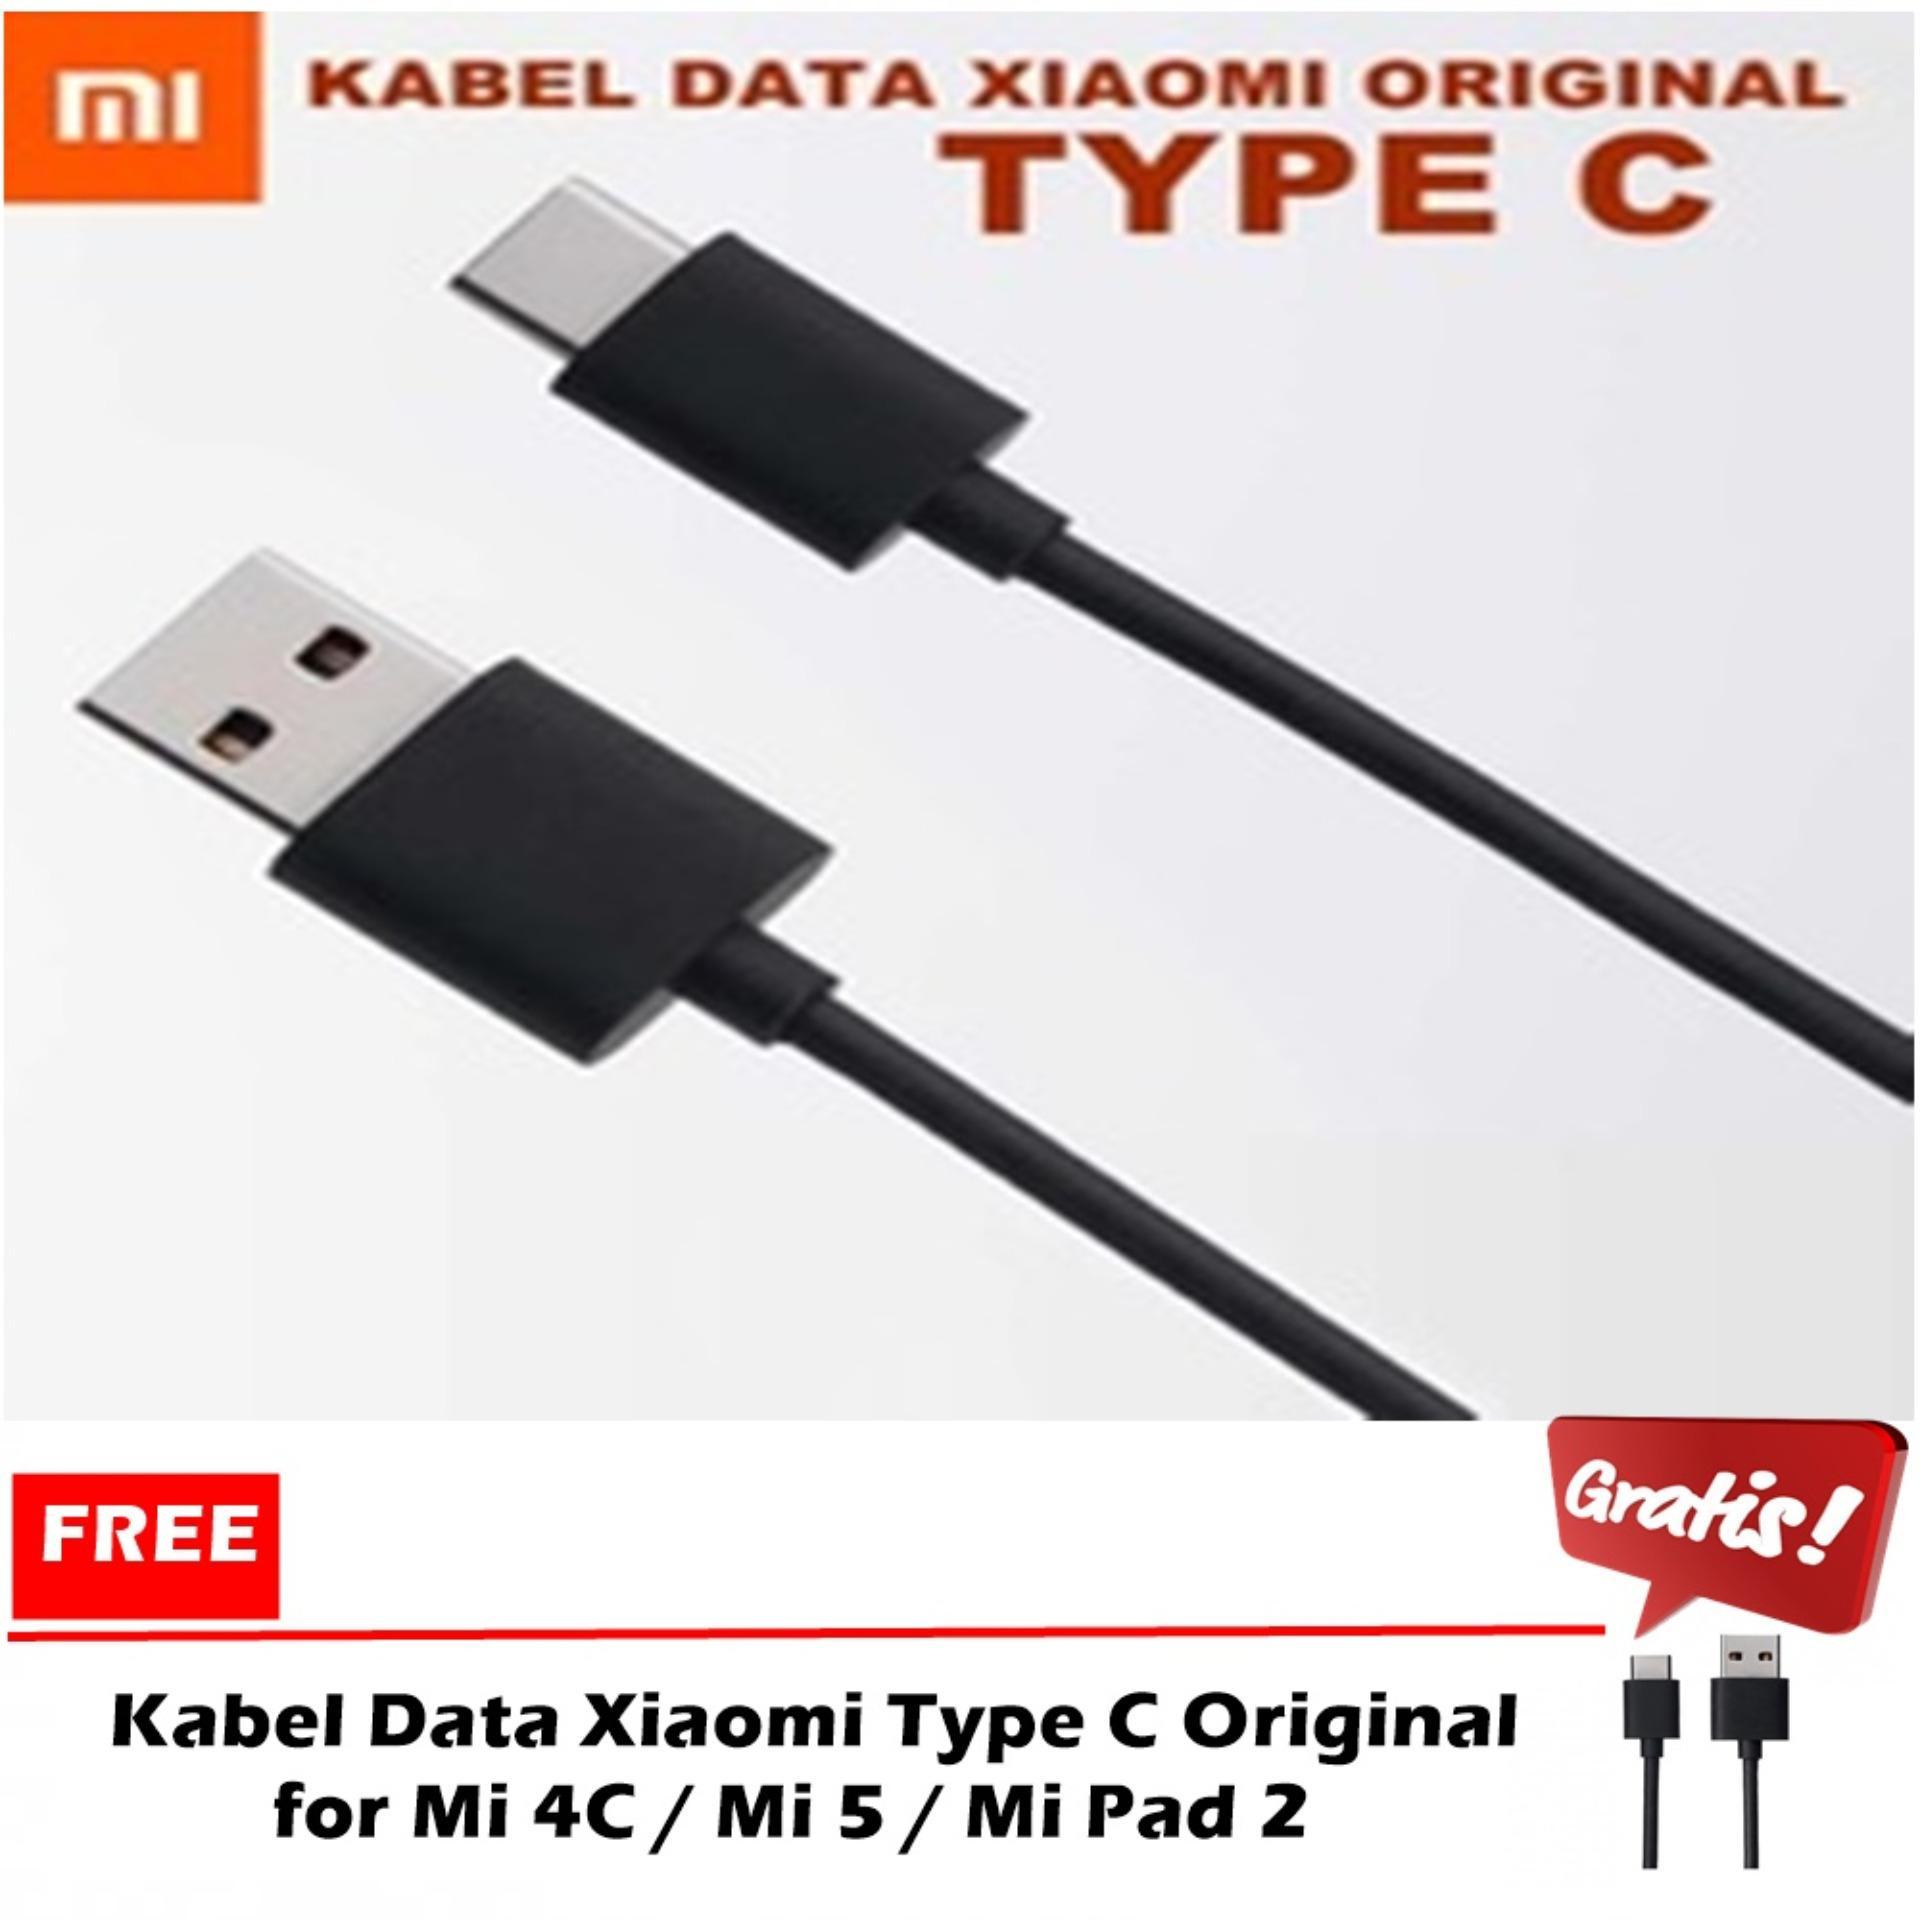 ... Kabel Data Xiaomi Type C Original for Mi 4C Mi 5 Mi Pad 2